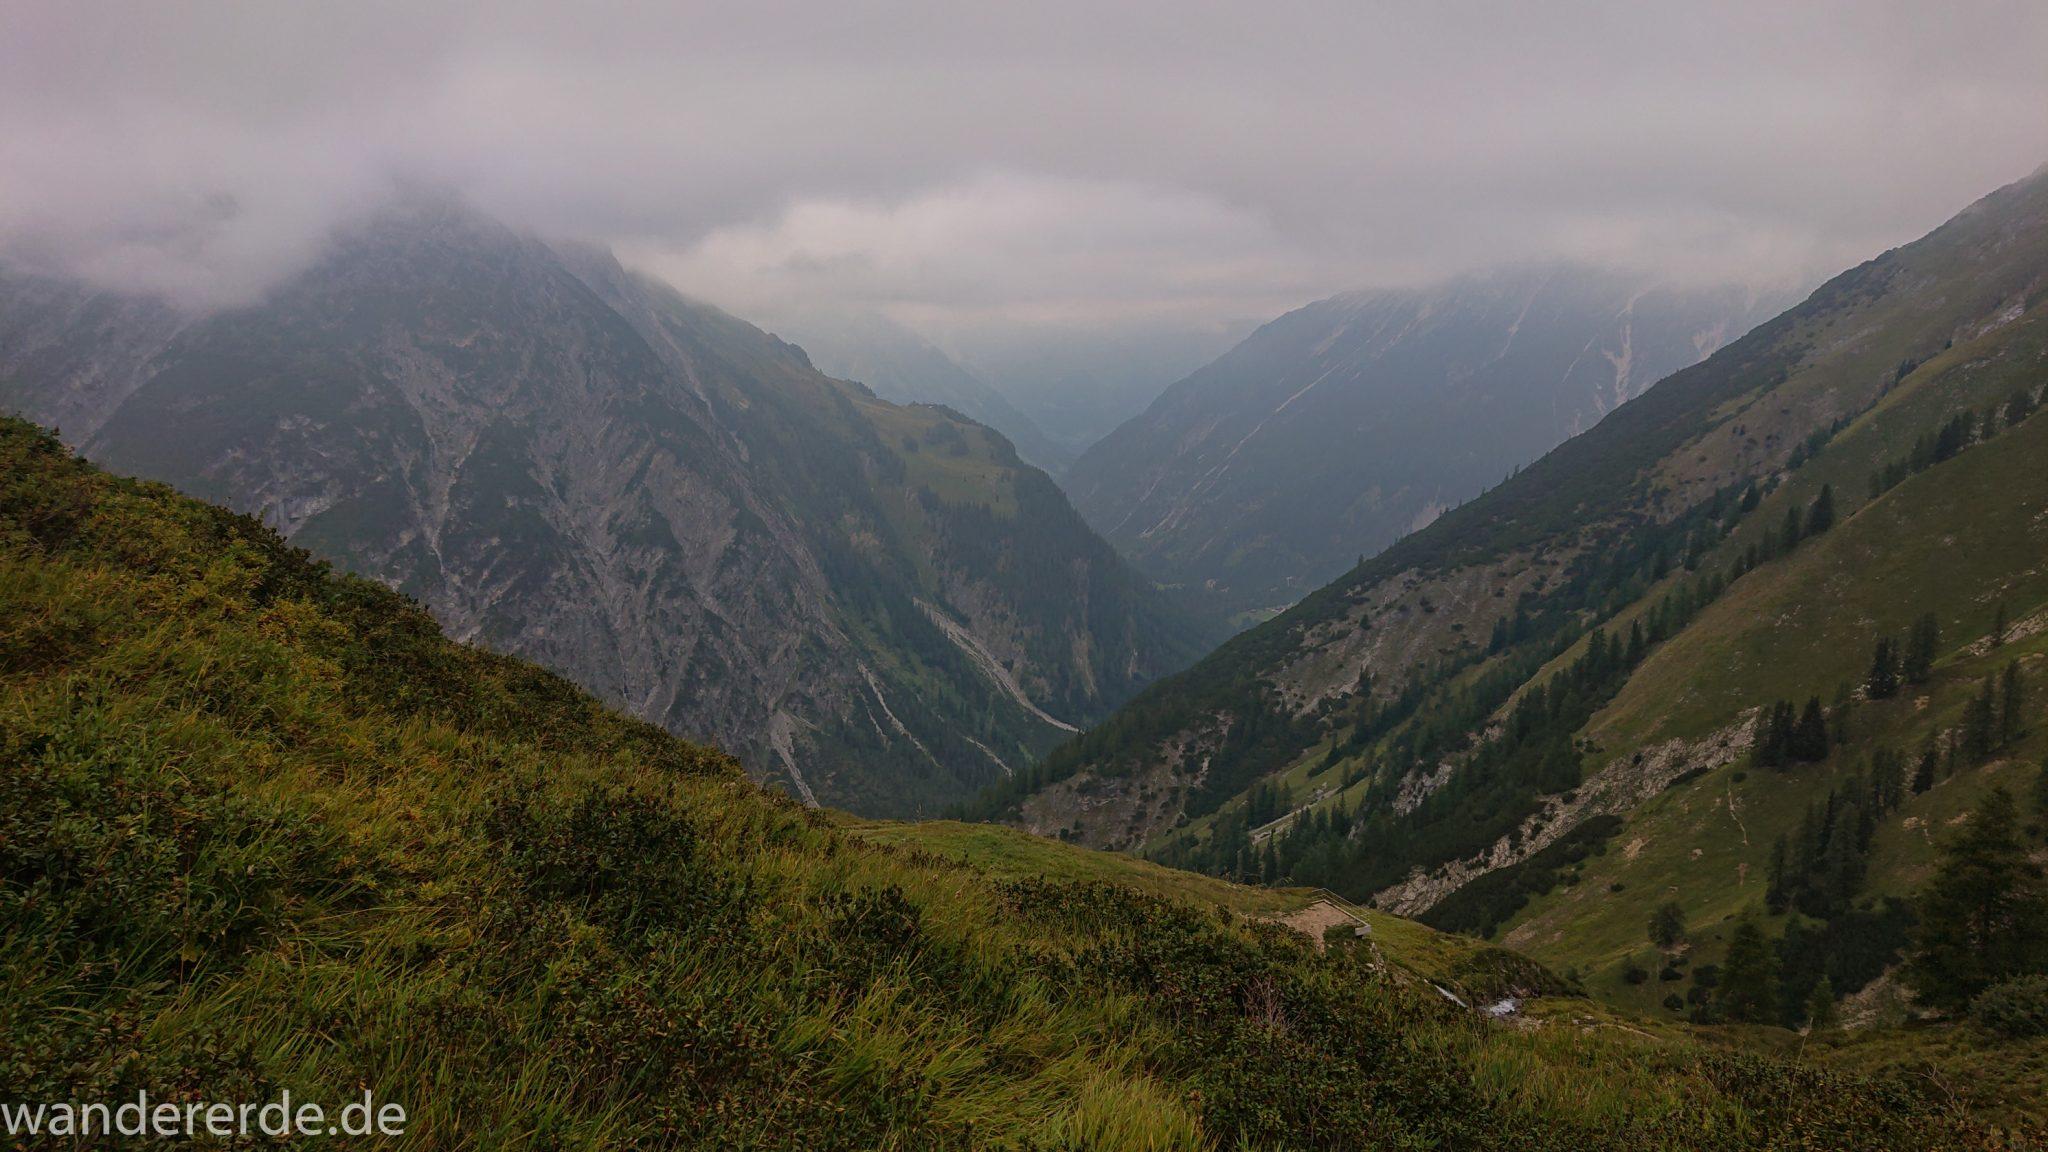 Alpenüberquerung Fernwanderweg E5 Oberstdorf Meran, 2. Etappe von Kemptner Hütte zur Memminger Hütte, schöner abwechslungsreicher und schmaler Wanderweg führt über Stock und Stein ab der Materialseilbahn der Memminger Hütte zunächst mäßig, dann steiler bergauf zur Memminger Hütte, ab schönem Wasserfall wird Wegverlauf steiler, umgeben von beeindruckenden Bergen und rundum schöner Aussicht, am späteren Nachmittag werden Berge langsam von aufziehenden Wolken verhangen